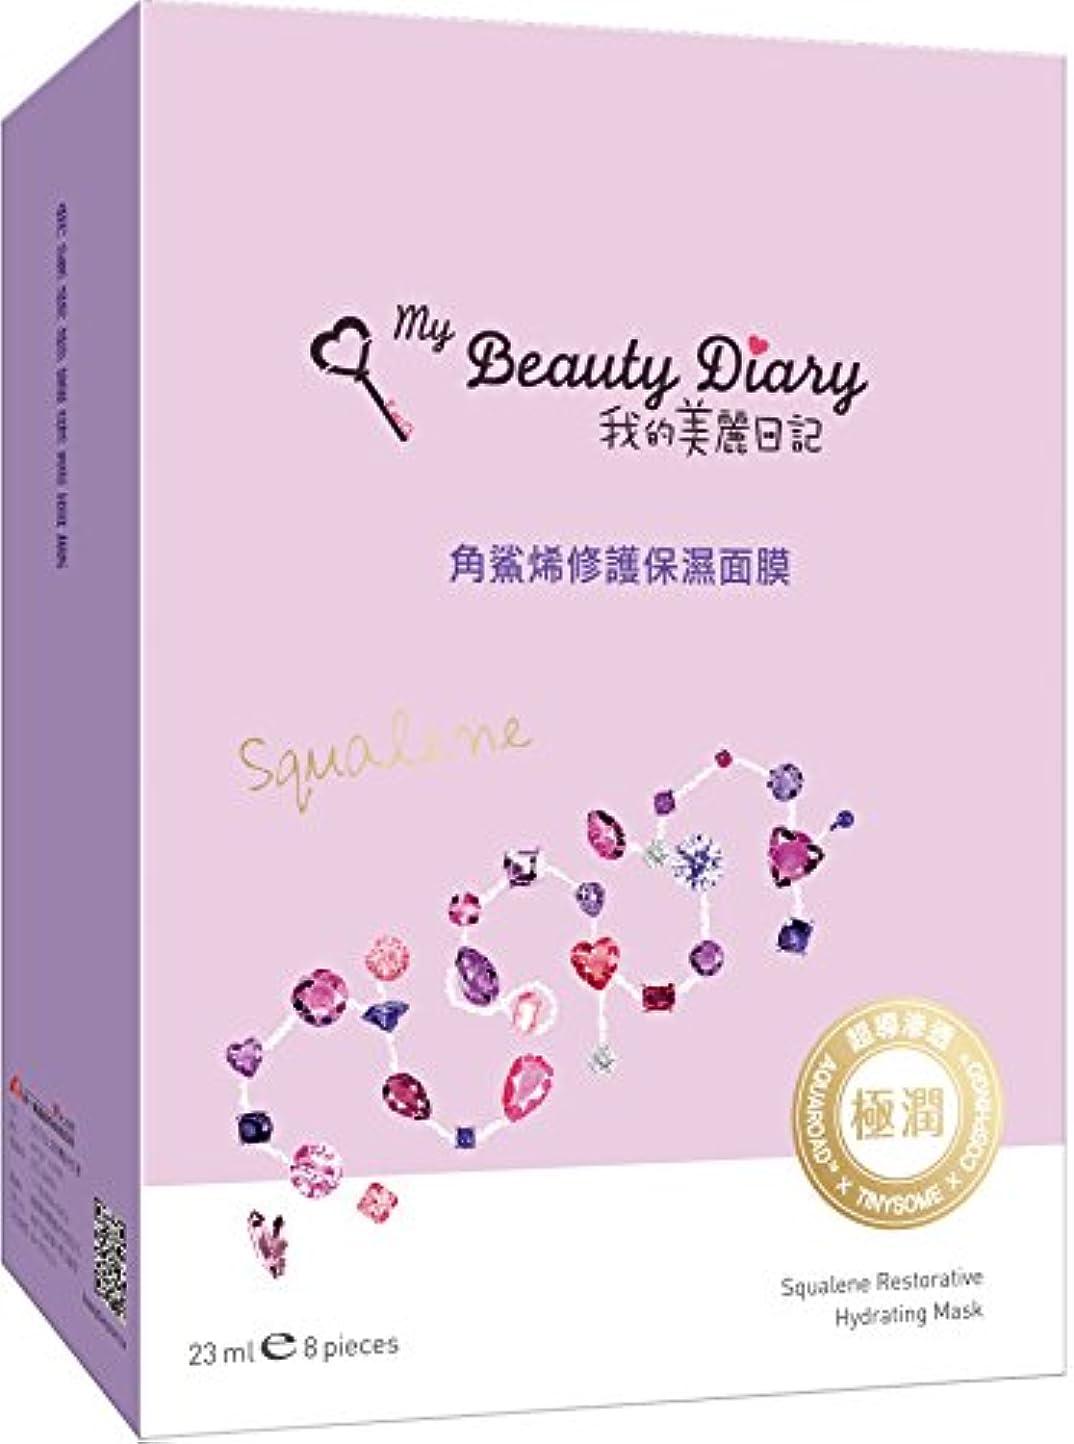 シンプルさリスト頭我的美麗日記 私のきれい日記 スクアレンマスク 8枚入り [並行輸入品]